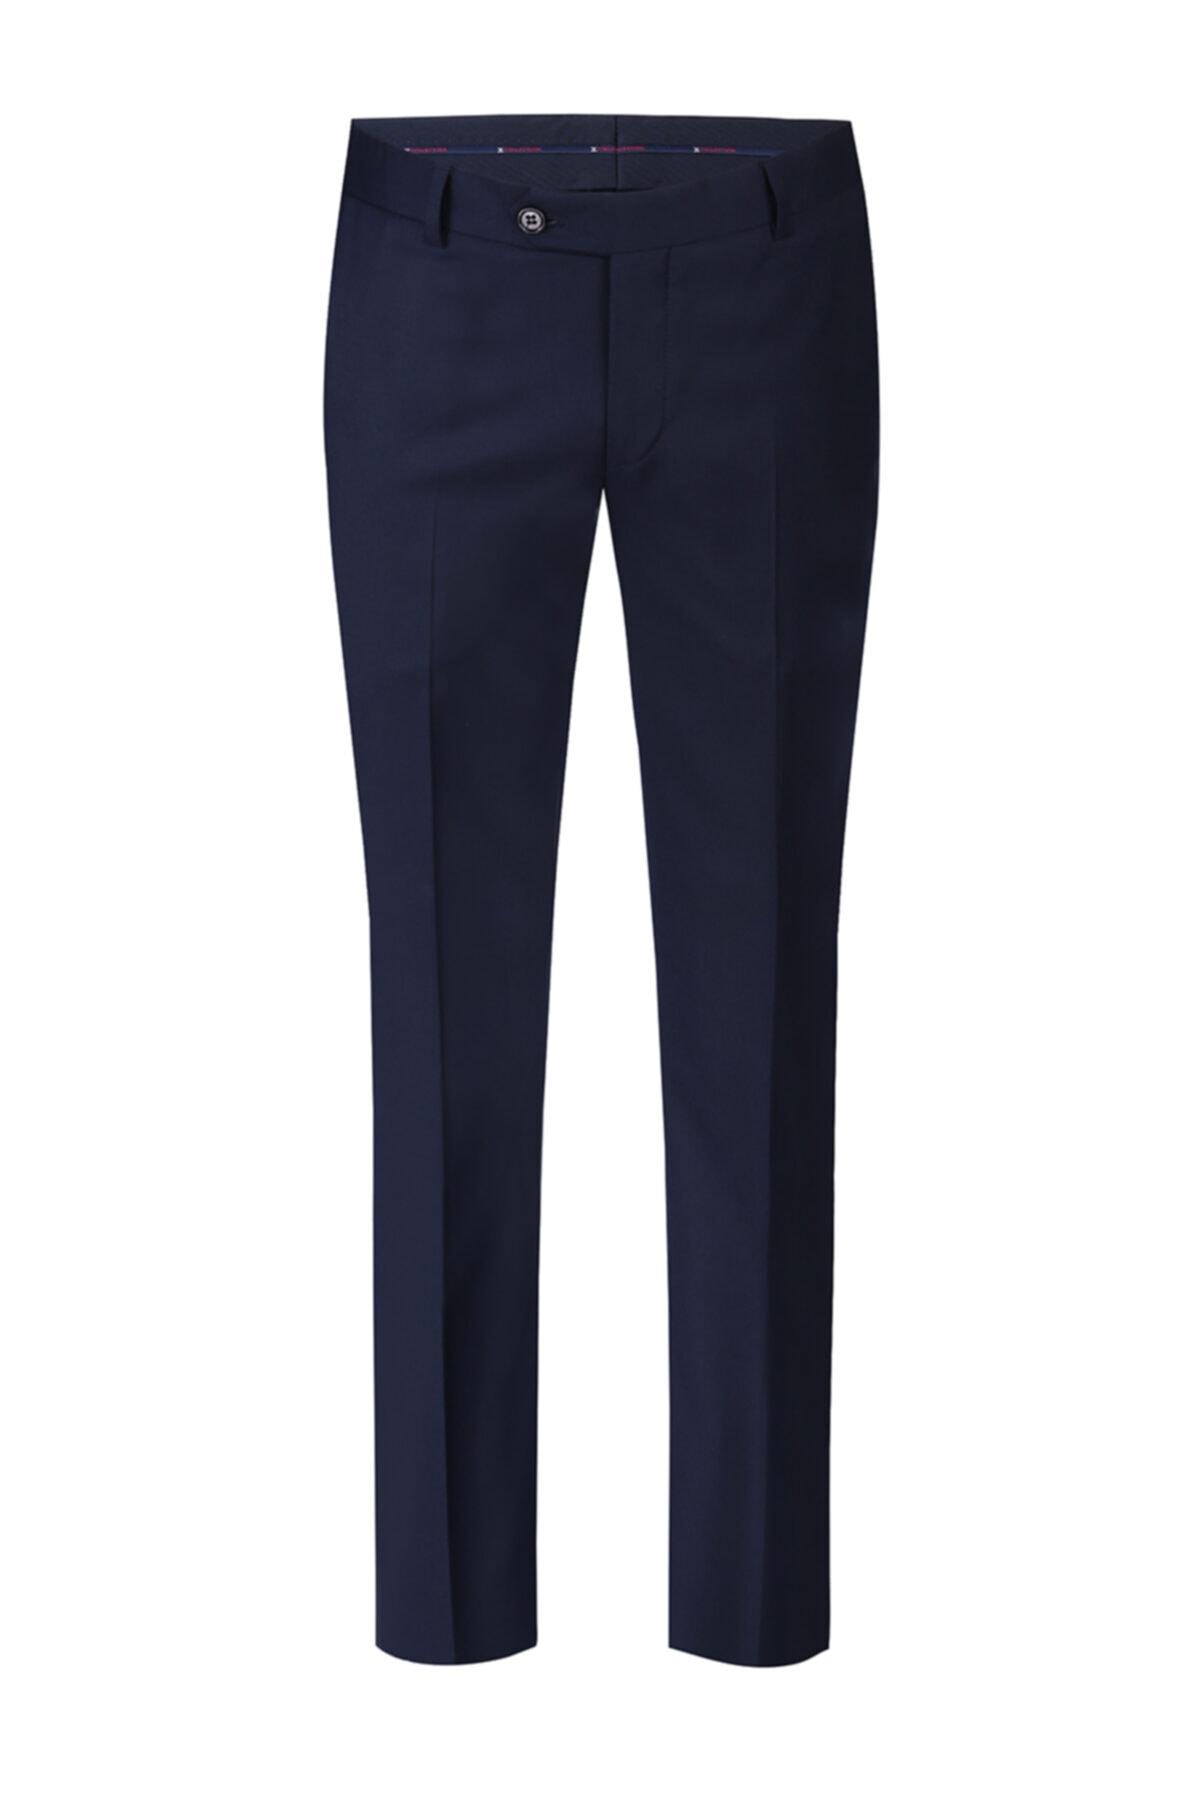 Lacivert Klasik Pantolon